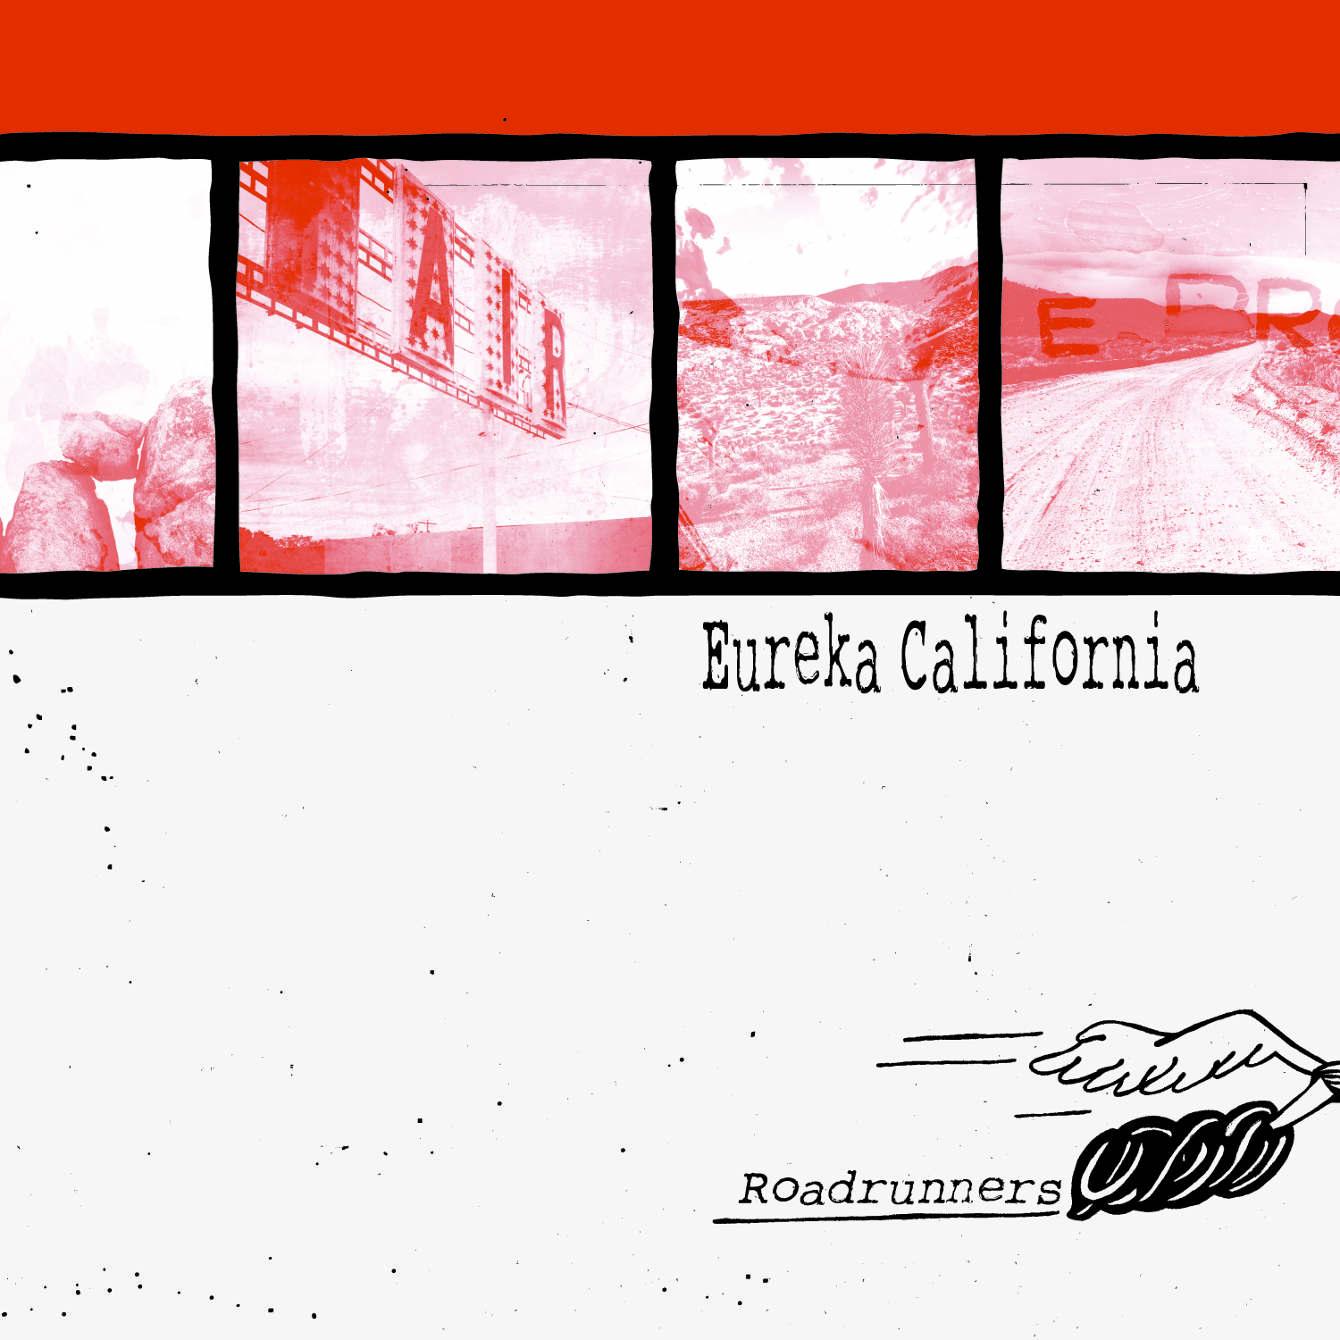 Eureka California dating